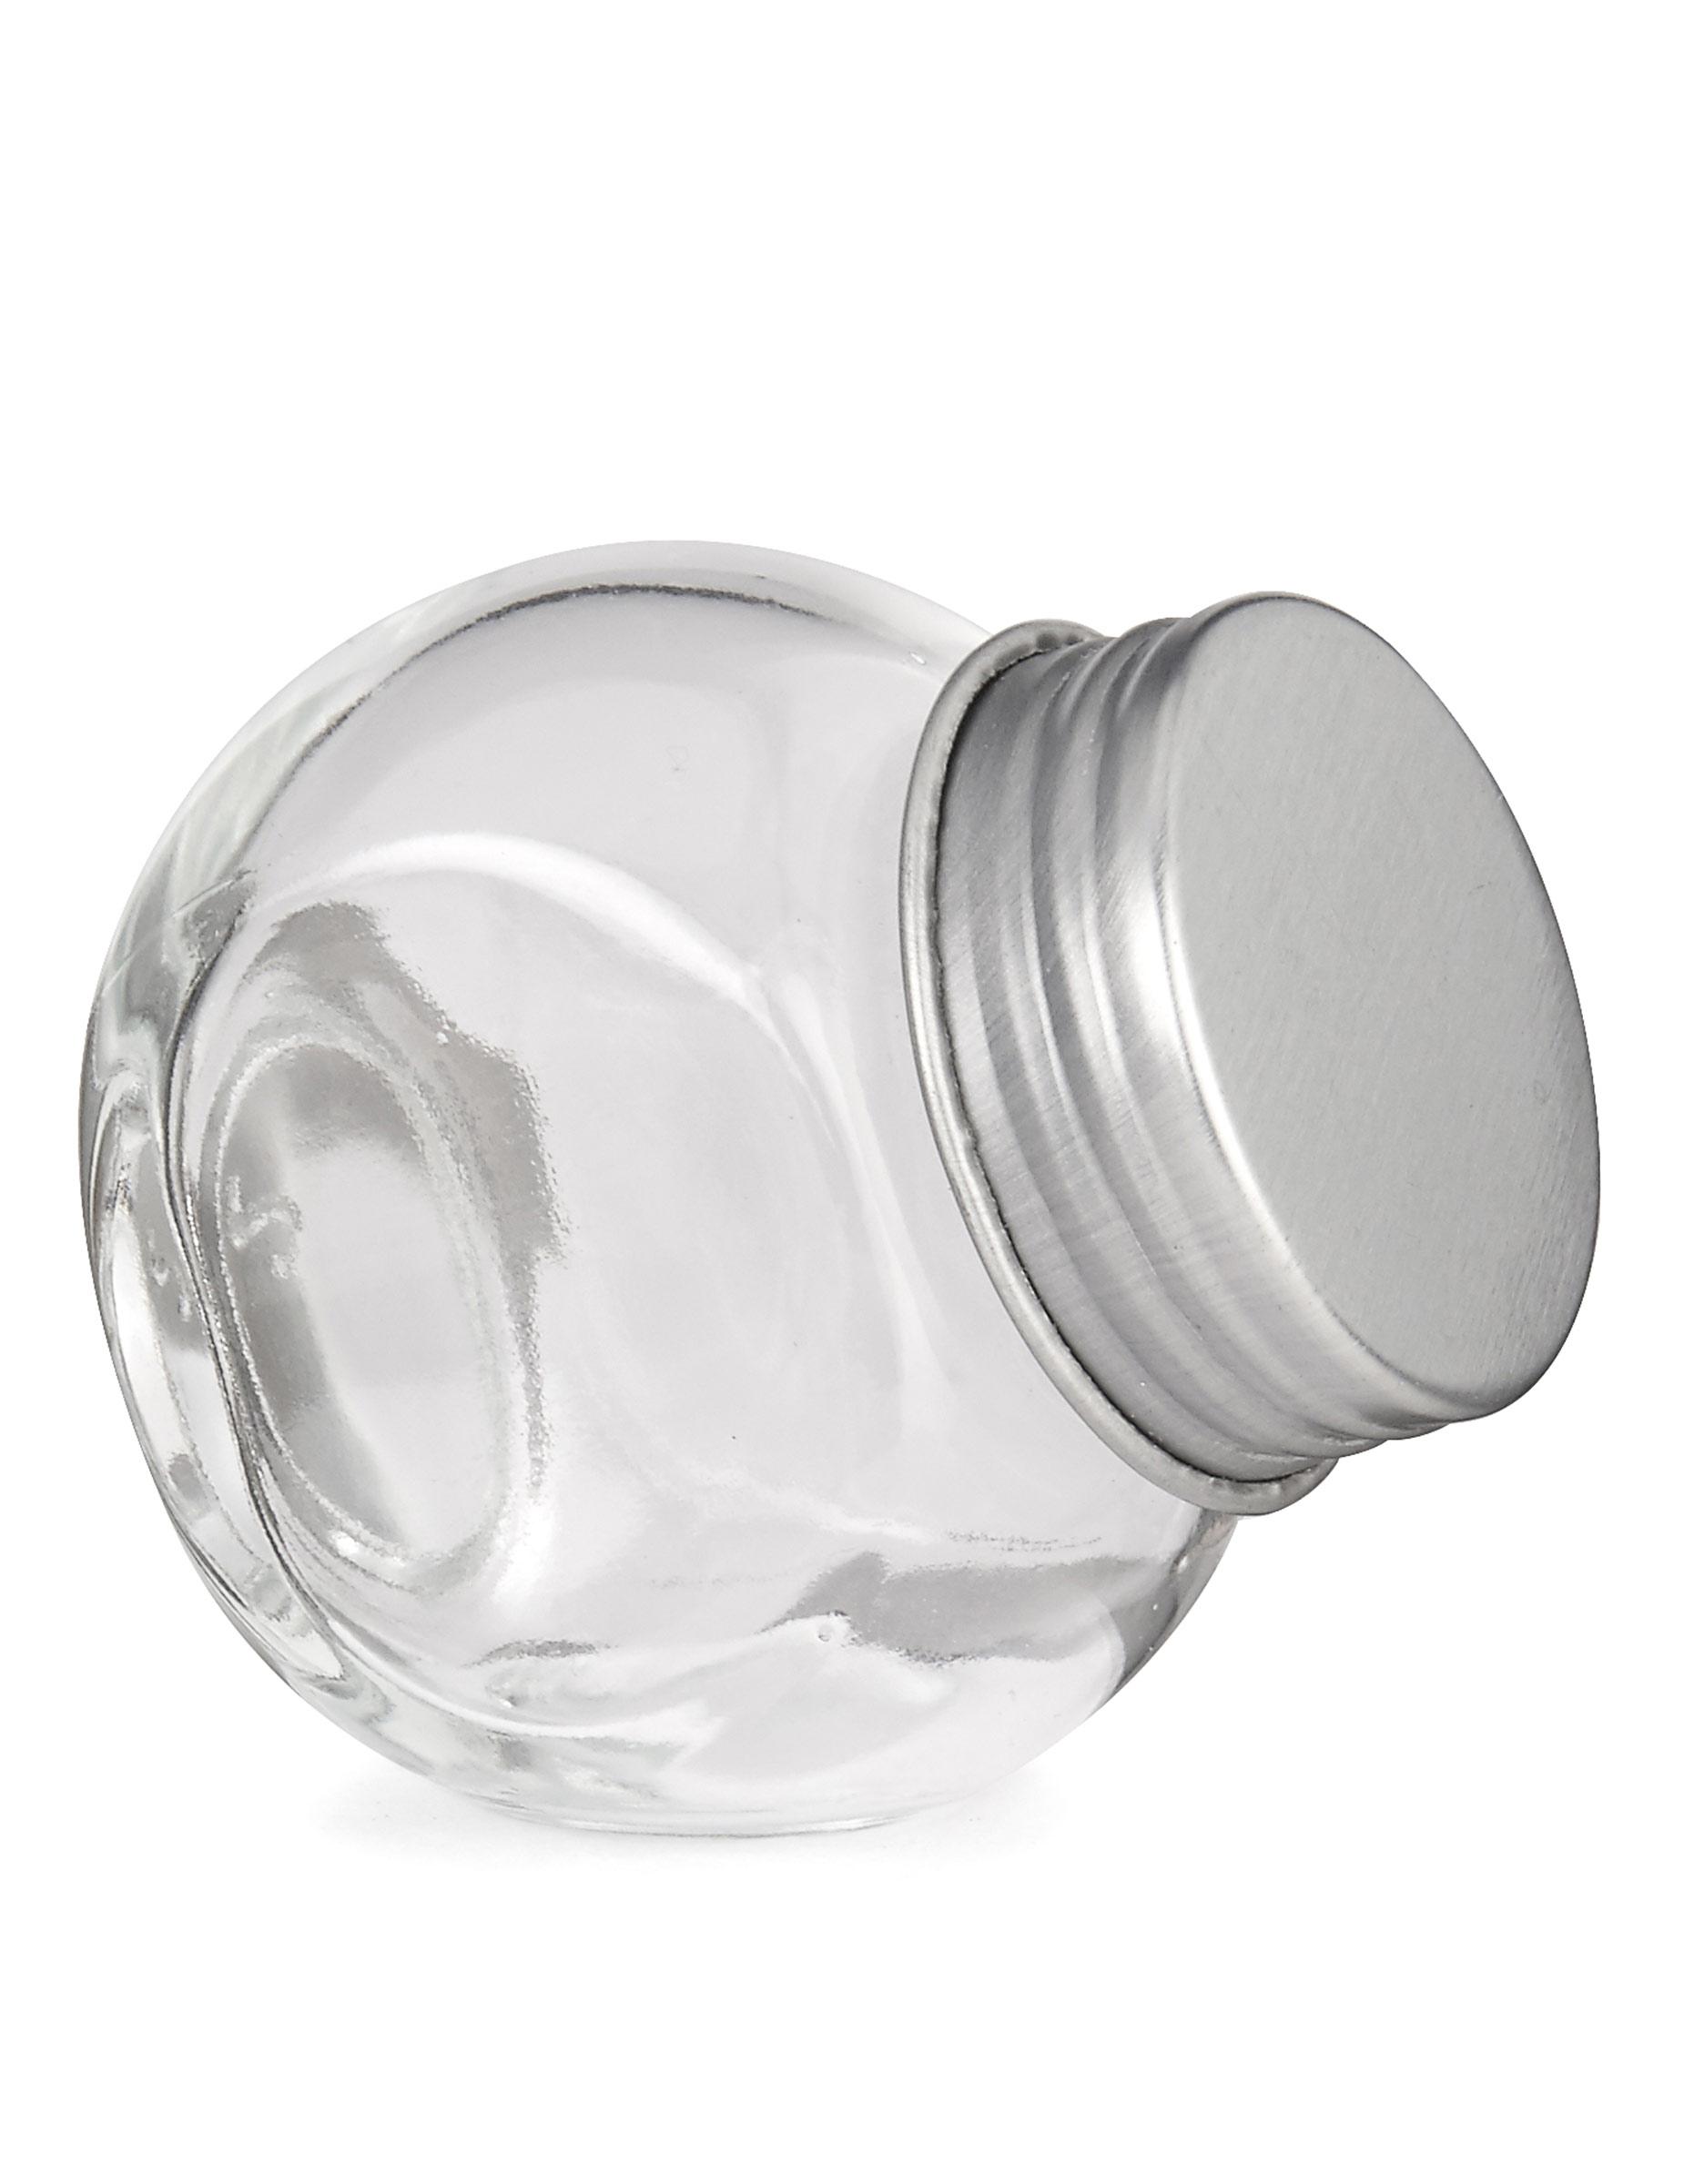 petit pot en verre avec couvercle en acier 5 x 5 5 cm. Black Bedroom Furniture Sets. Home Design Ideas